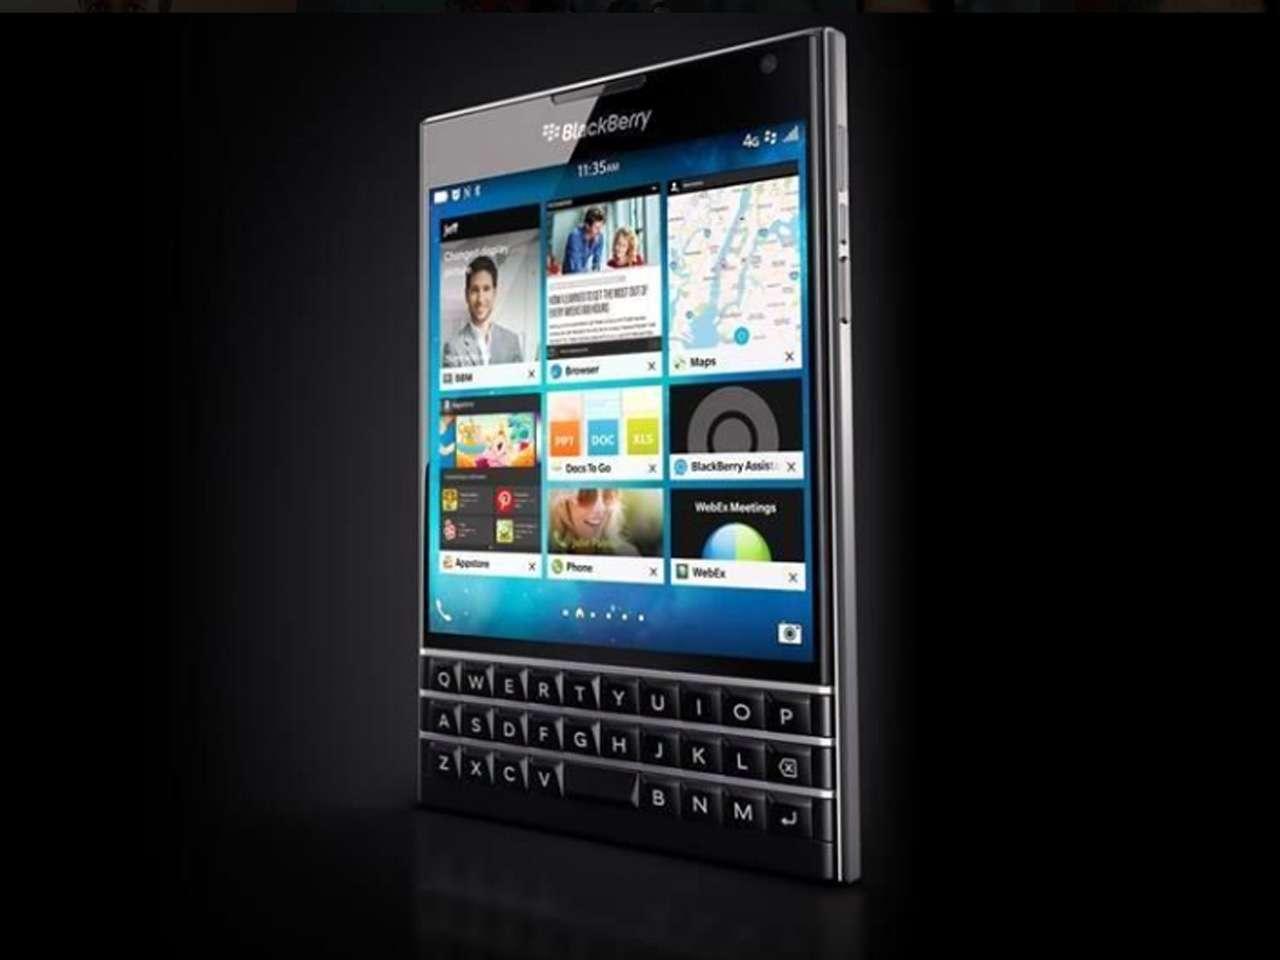 El smartphone BlackBerry Passport tiene una pantalla cuadrada de 4.5 pulgadas diametrales con 1440 x 1440 pixeles de resolución, y además integra un teclado físico en la parte inferior. Foto: BlackBerry